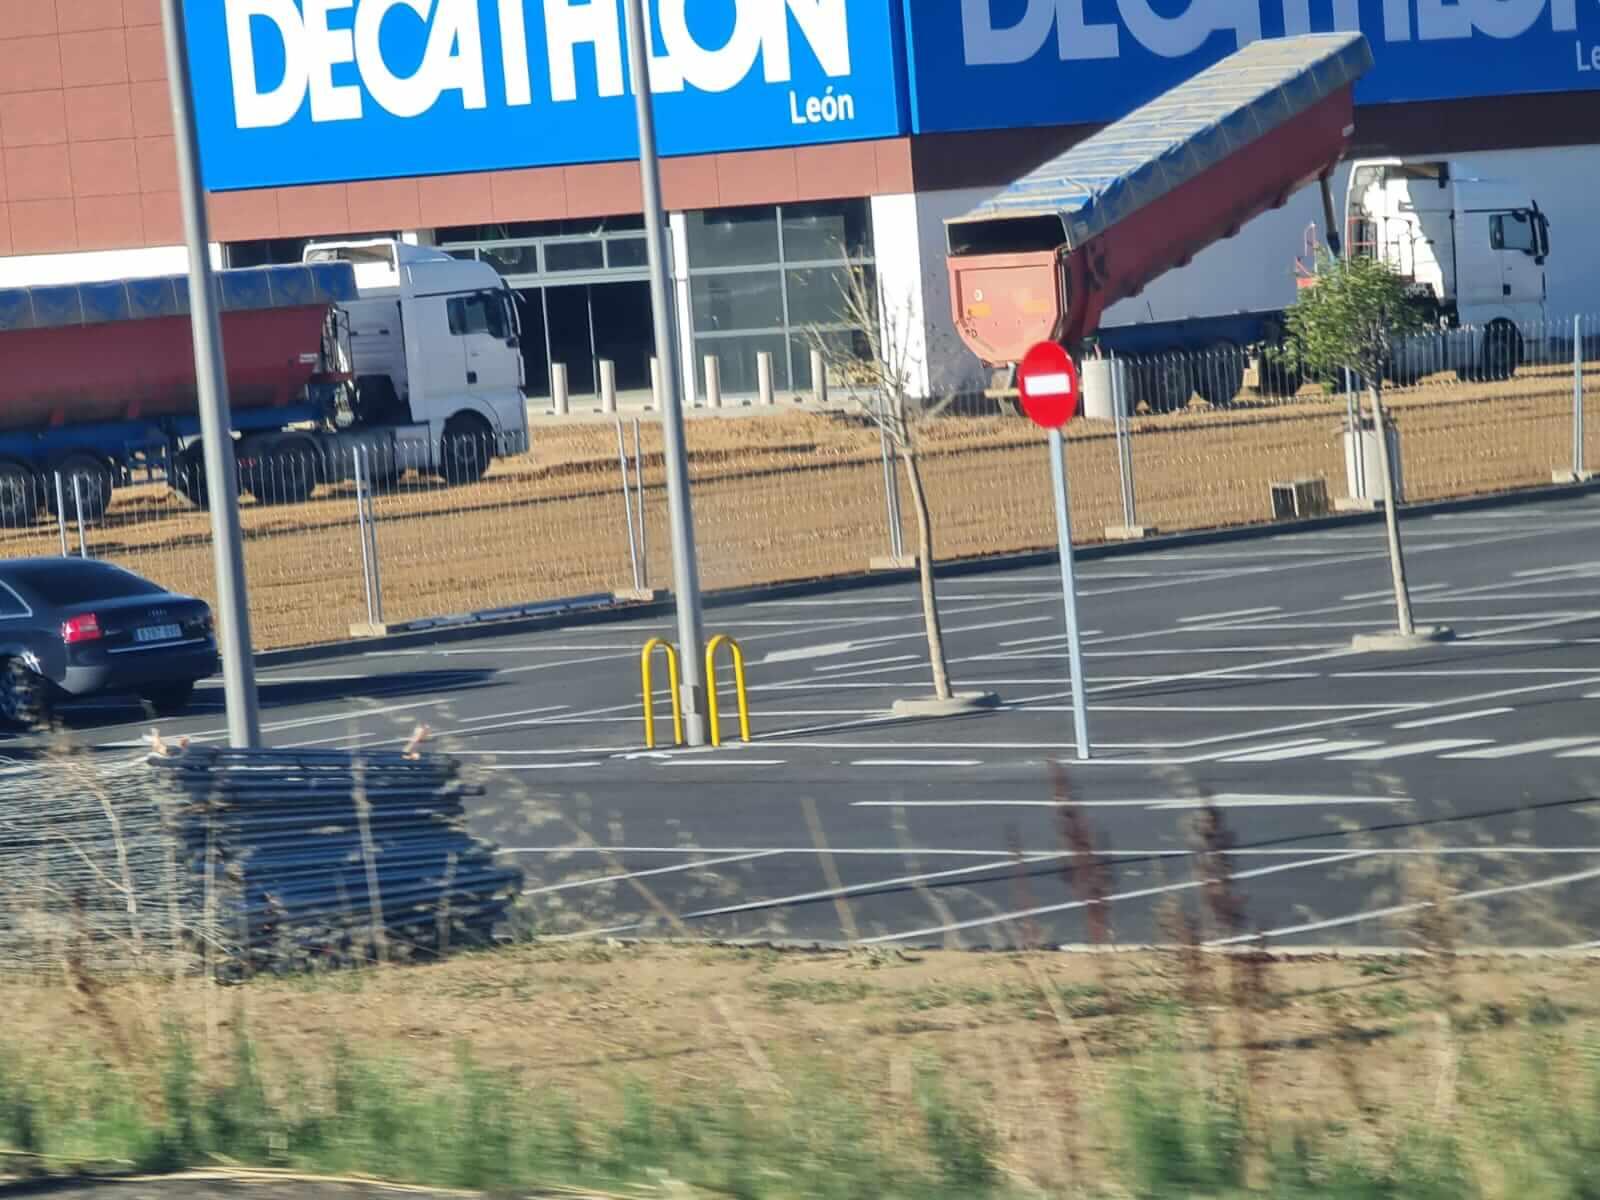 pasos trabajar en decathlon leon-Digital de León